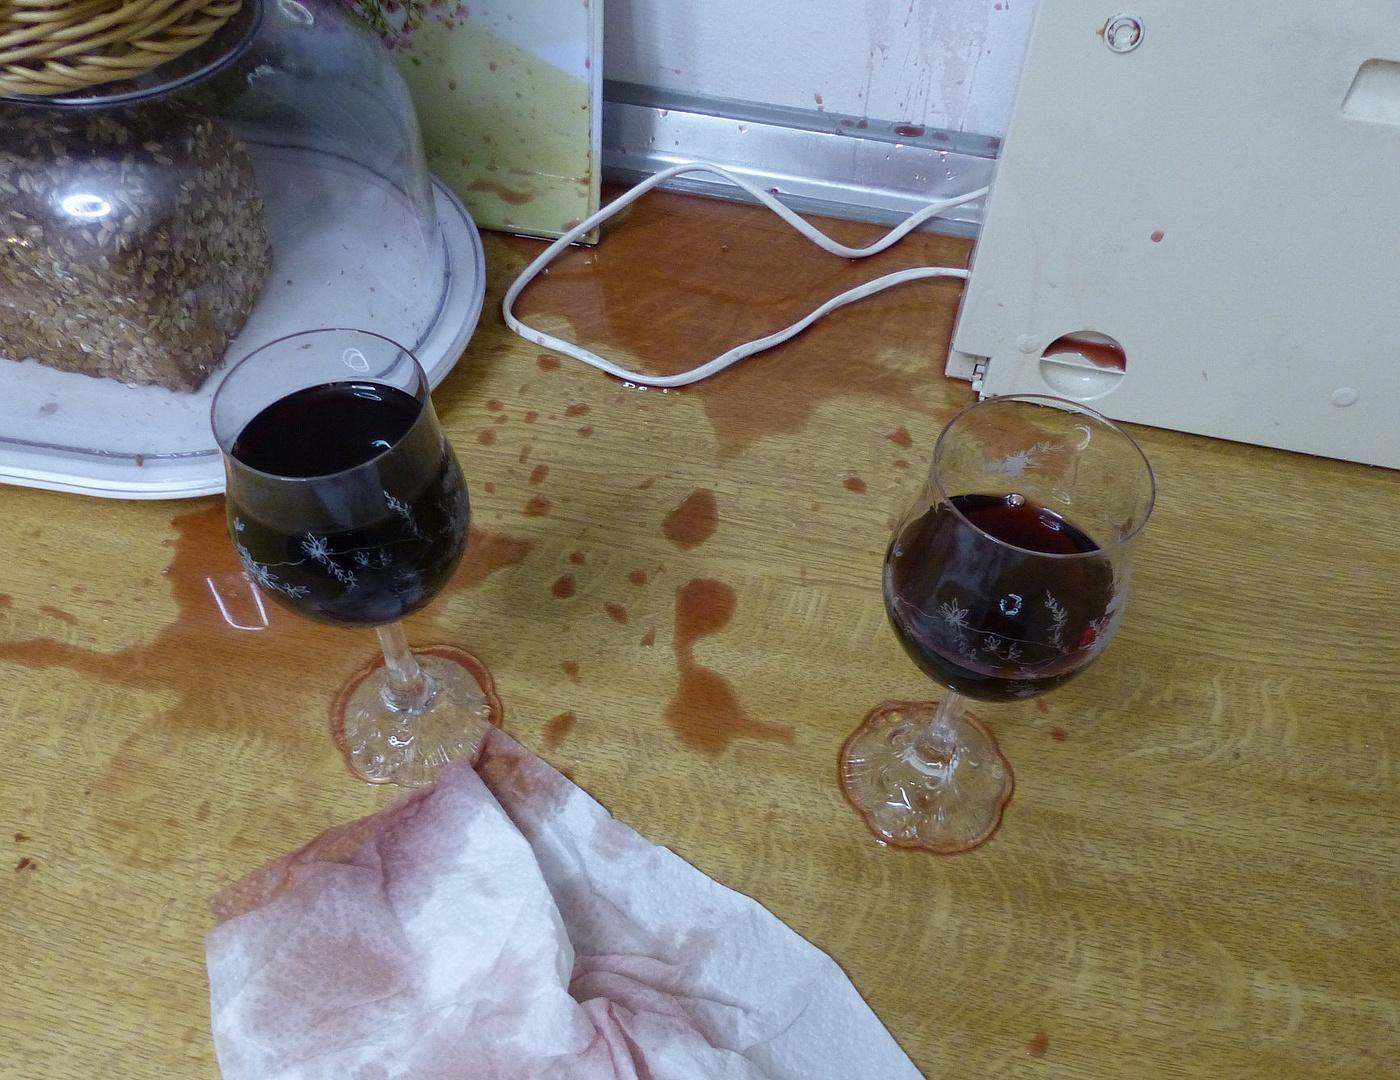 Mein erster Versuch zwei Gläser mit Portwein zu füllen:-(((